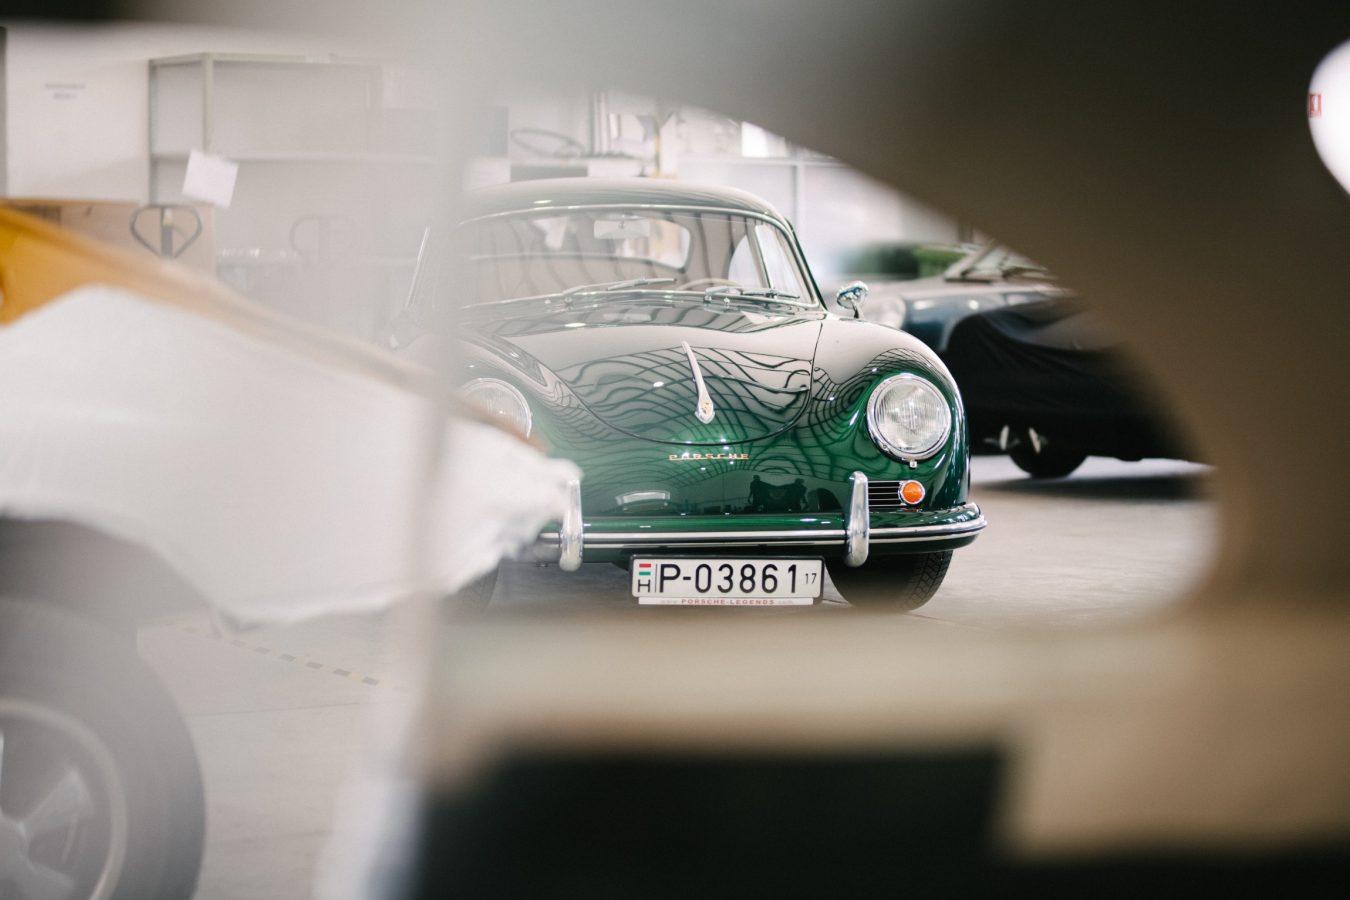 Grüner Porsche bei der Restaurierung